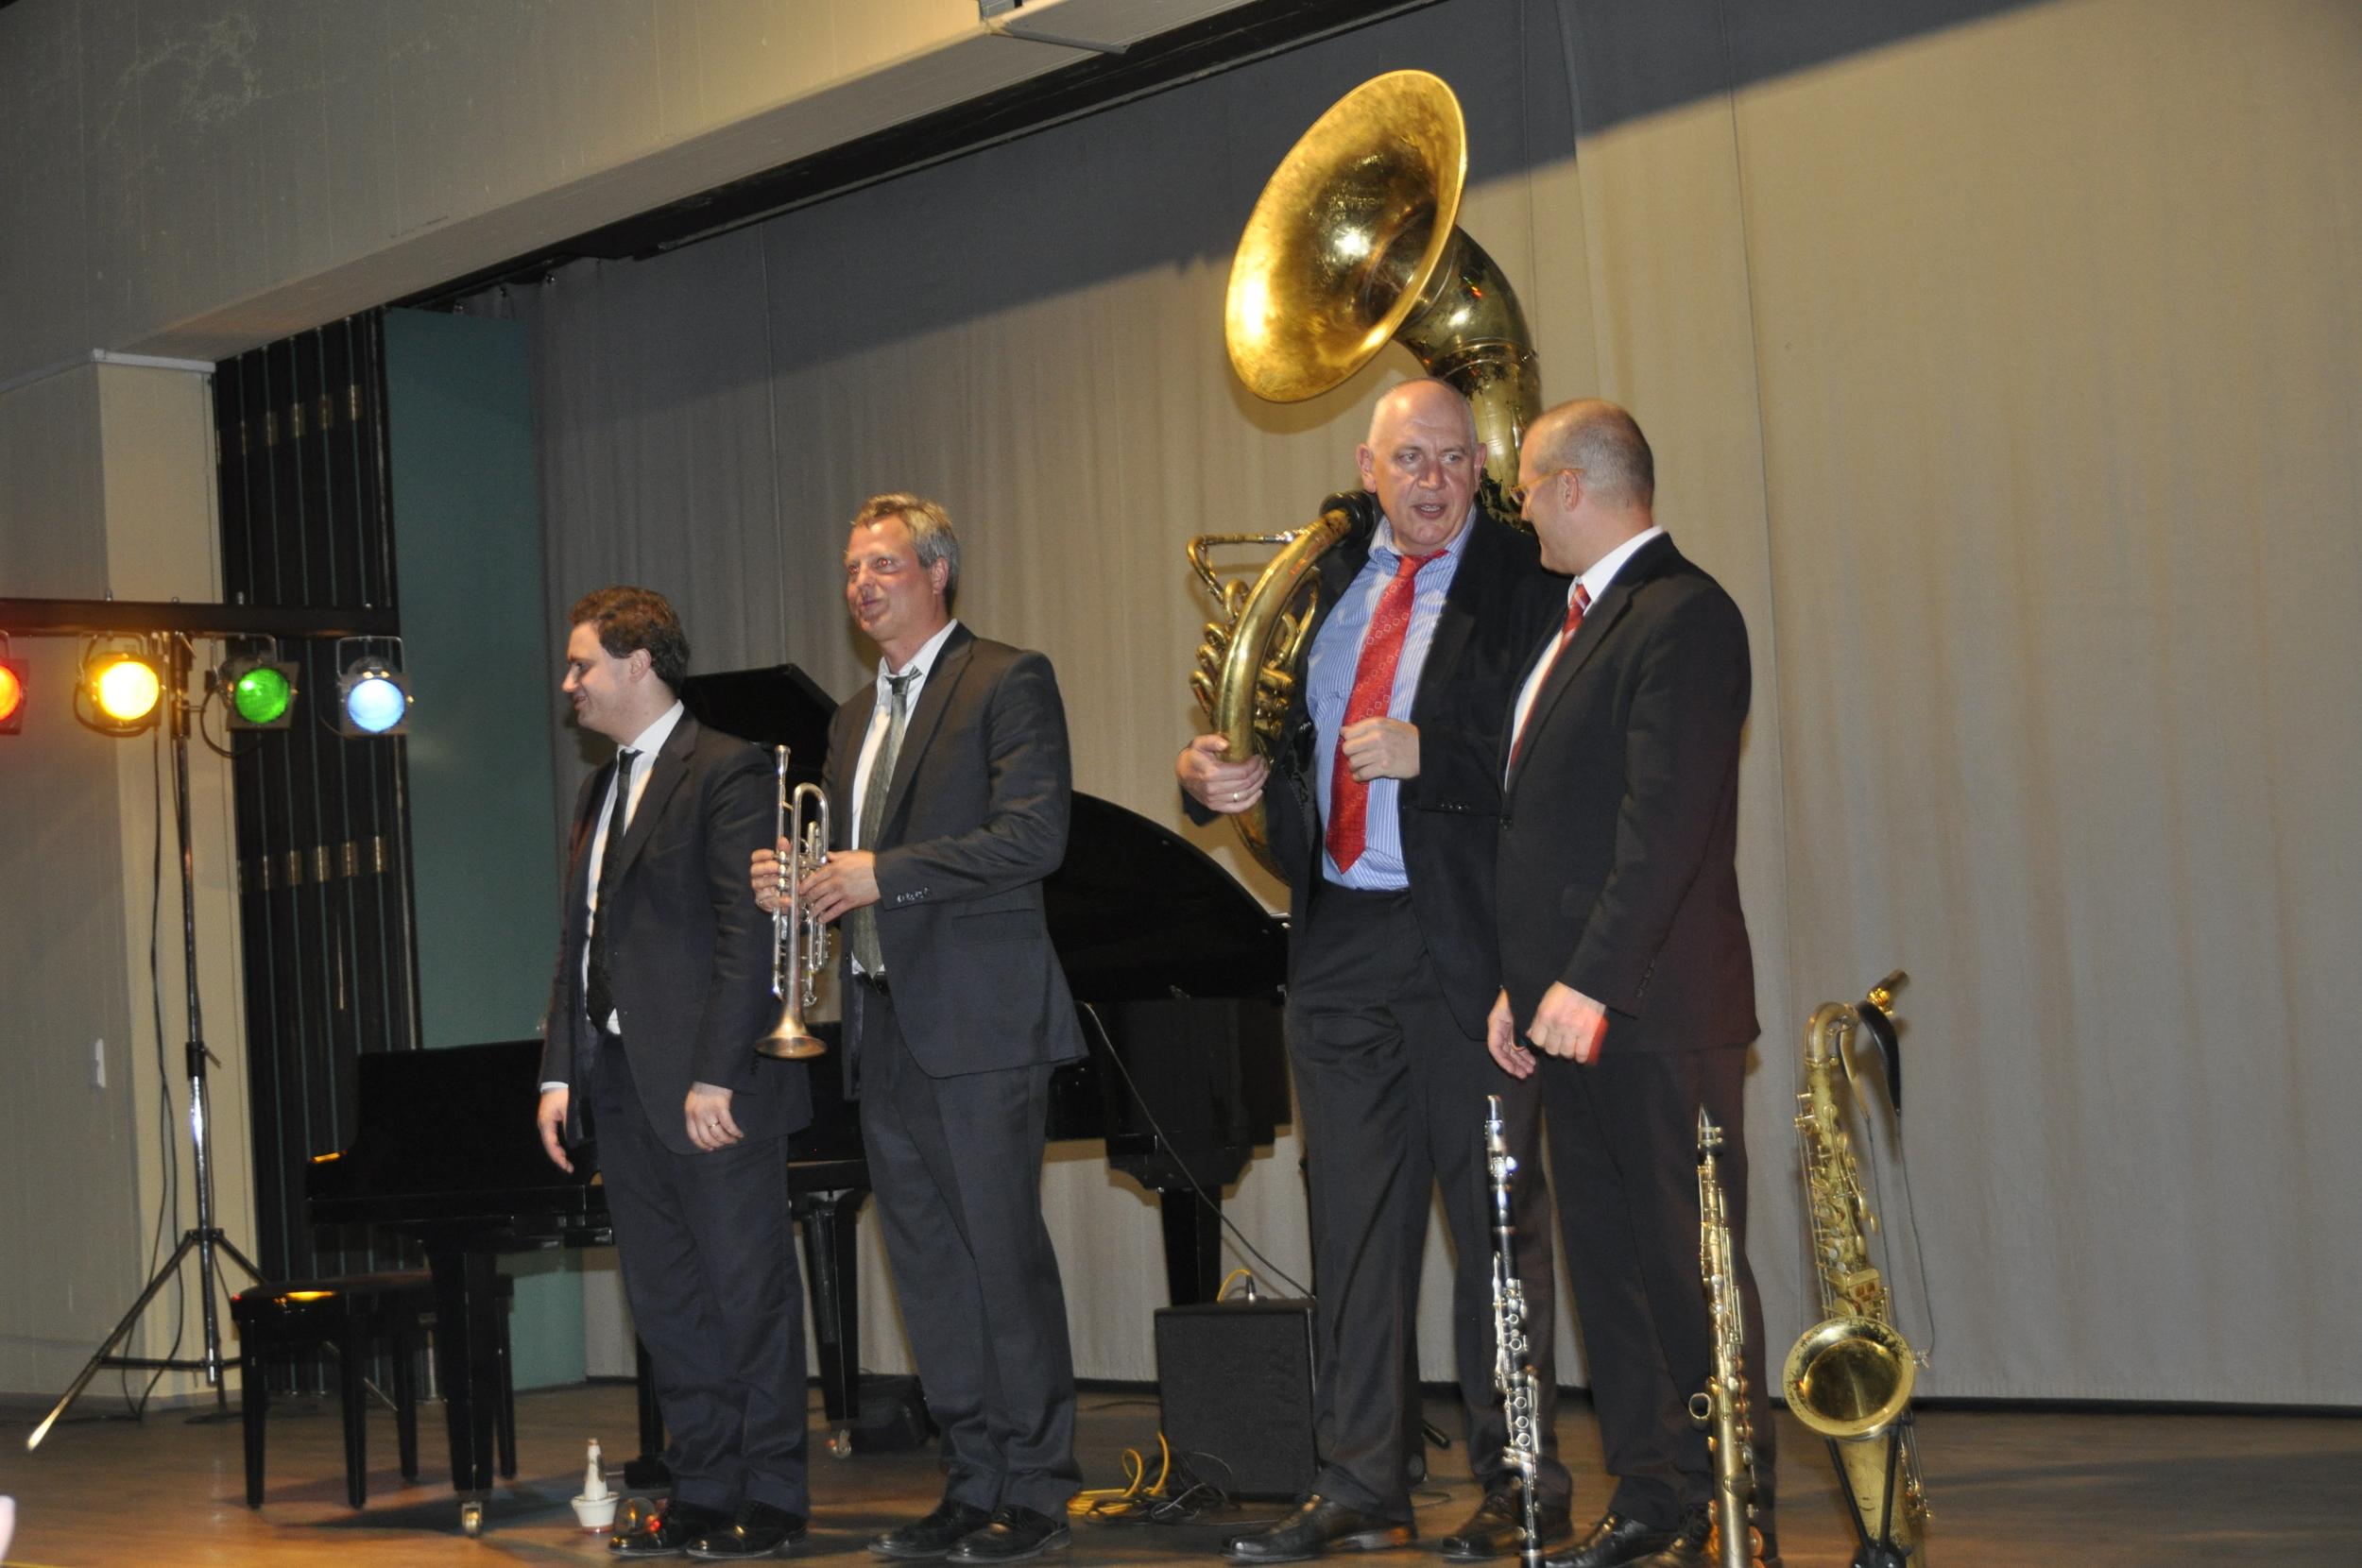 Musikschule _Konzert 02.04.2014 (82).JPG